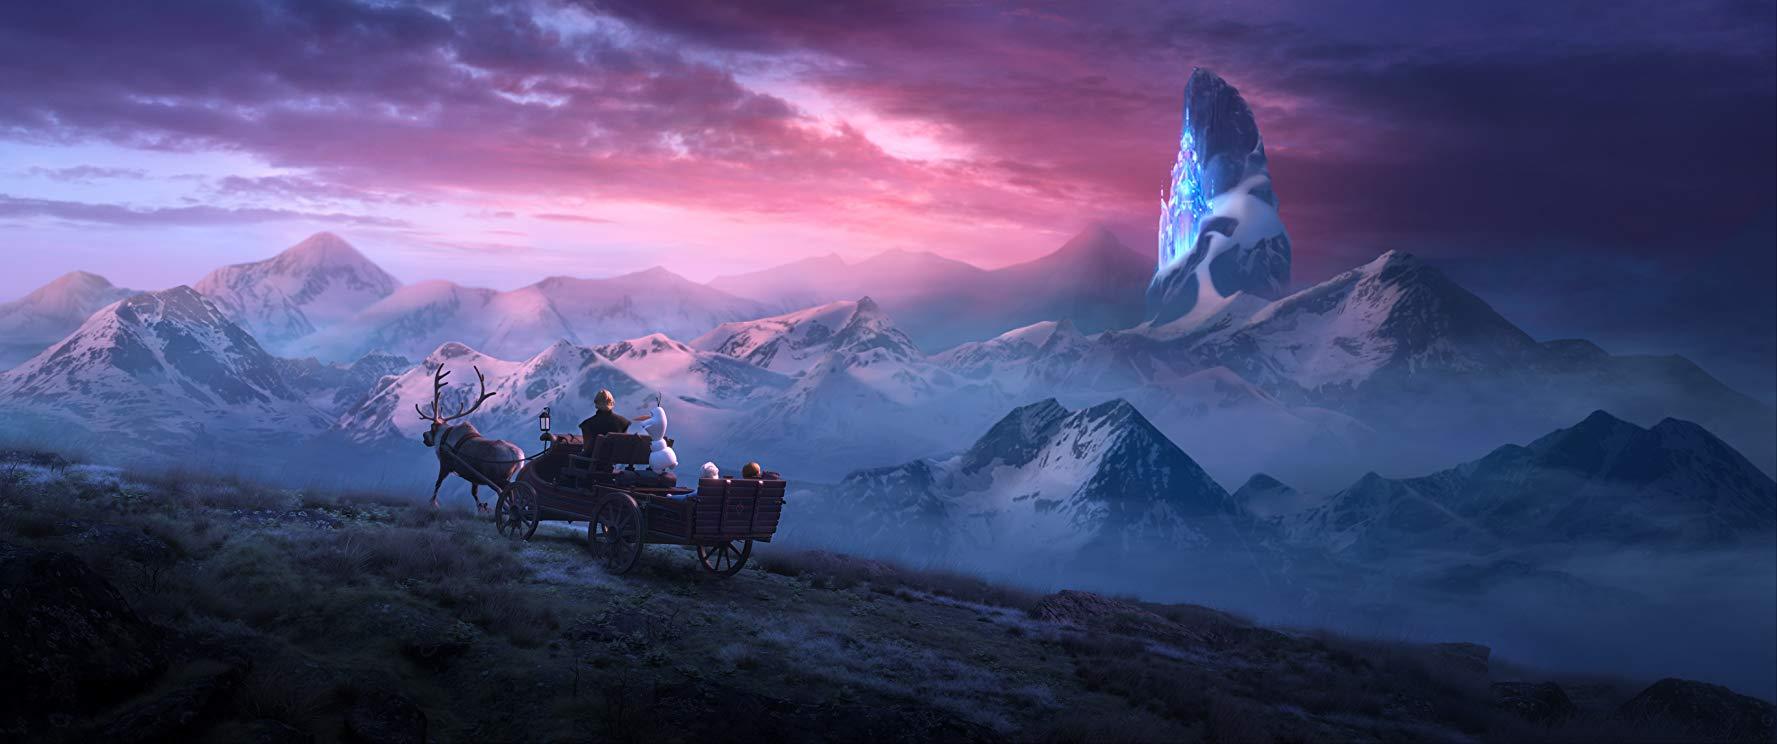 ™[REGARDER] ~La Reine des neiges 2~ (2019)|HD F i l m VF~C o m p l e t